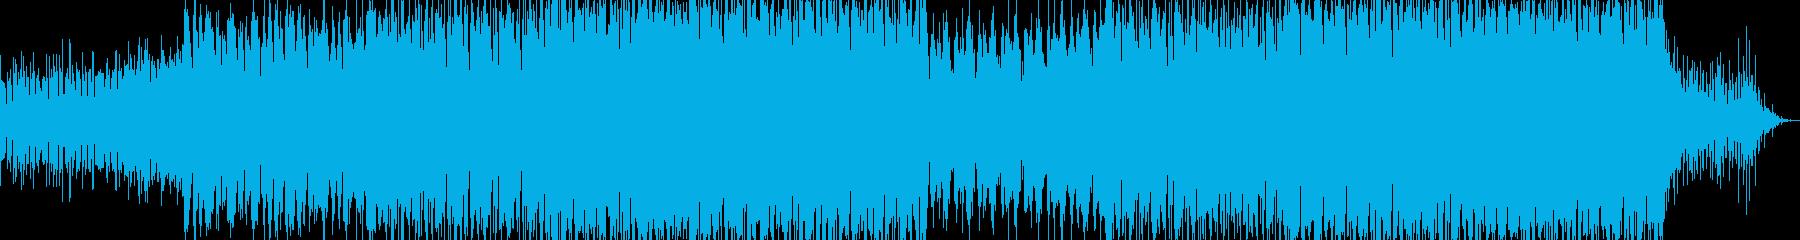 明るい曲調。重いリズムのエレクトロの再生済みの波形